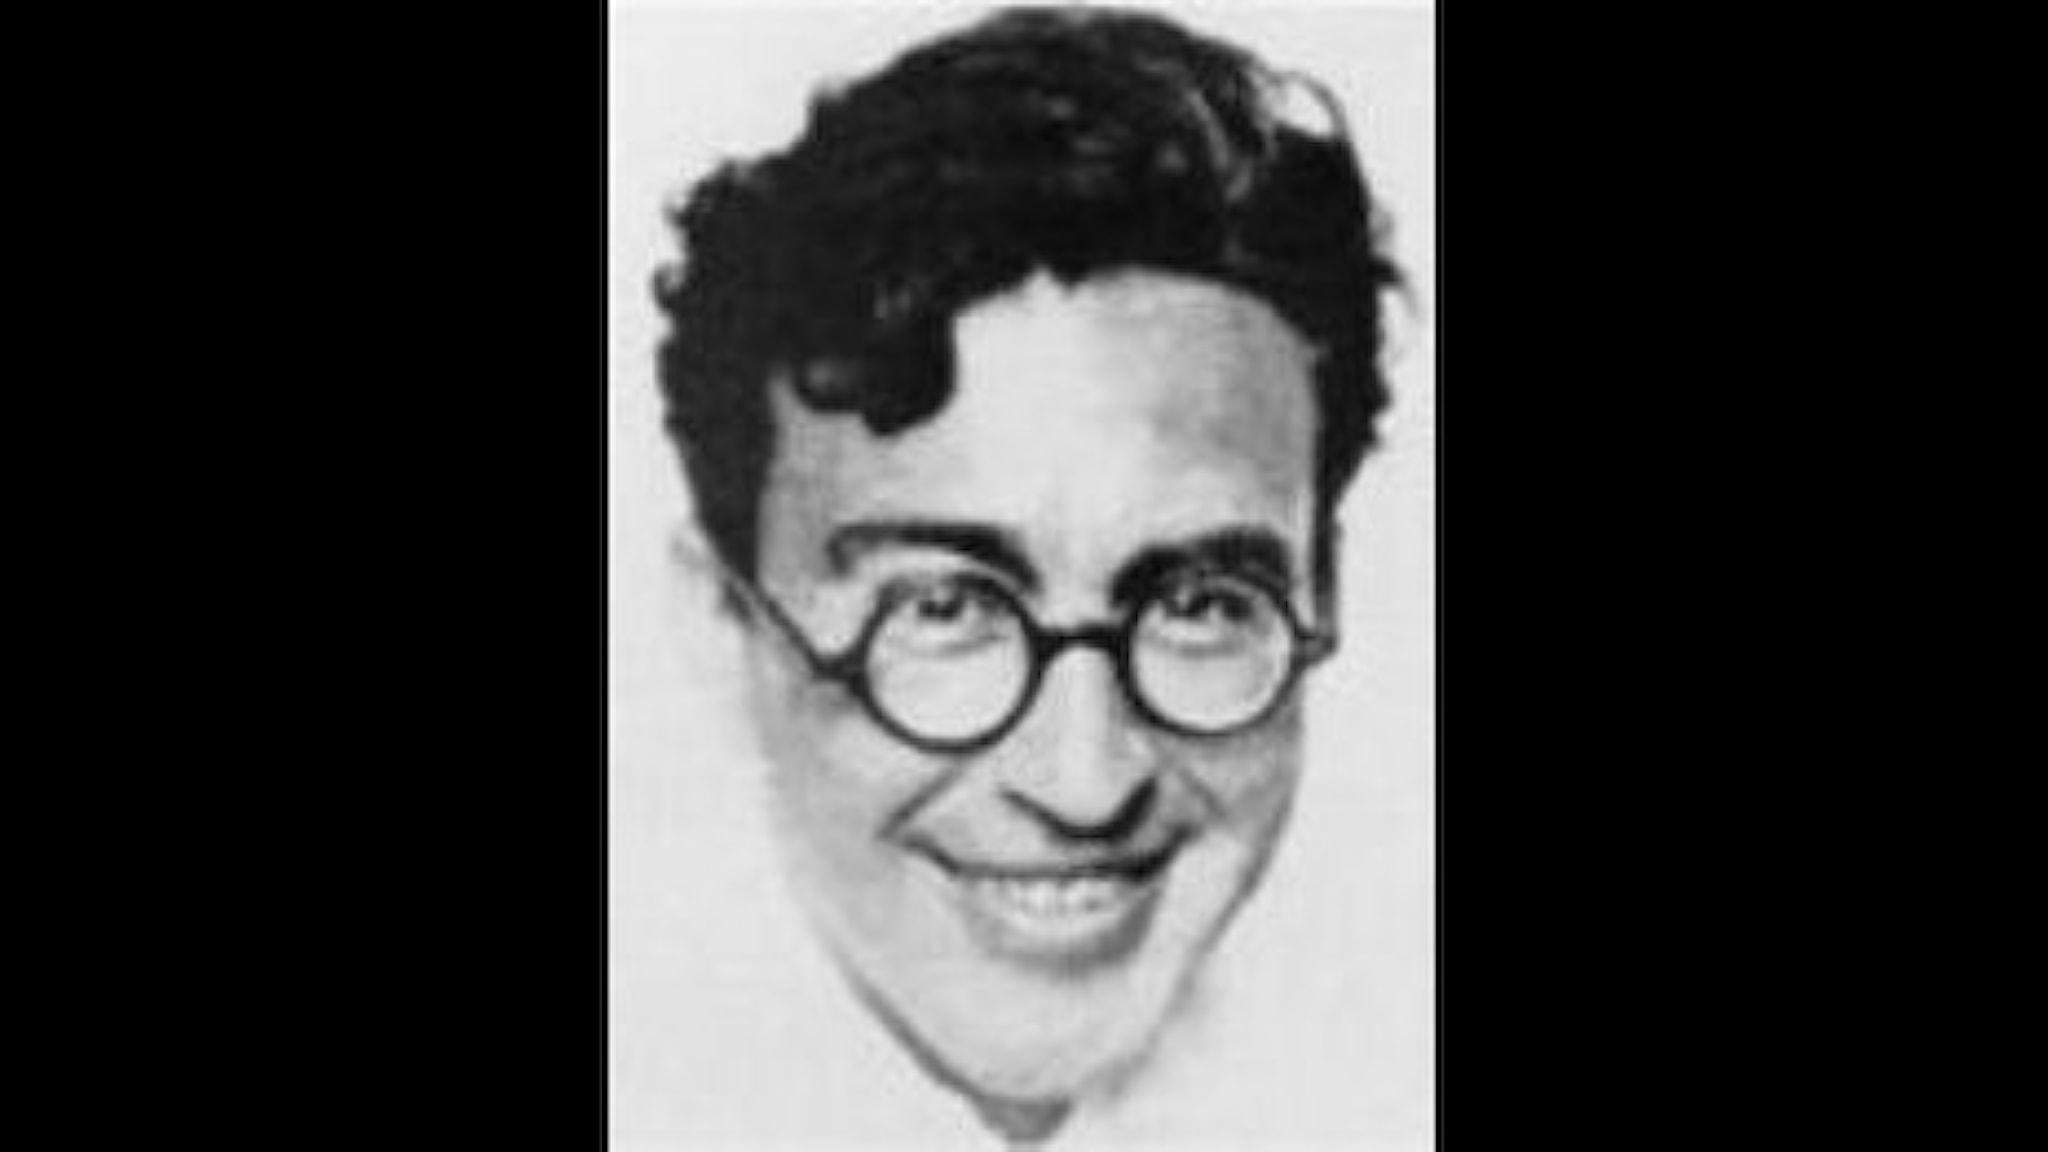 svartvitt profilfoto av en man med mörkt hår och glasögon. Han tittar in i kameran och ler